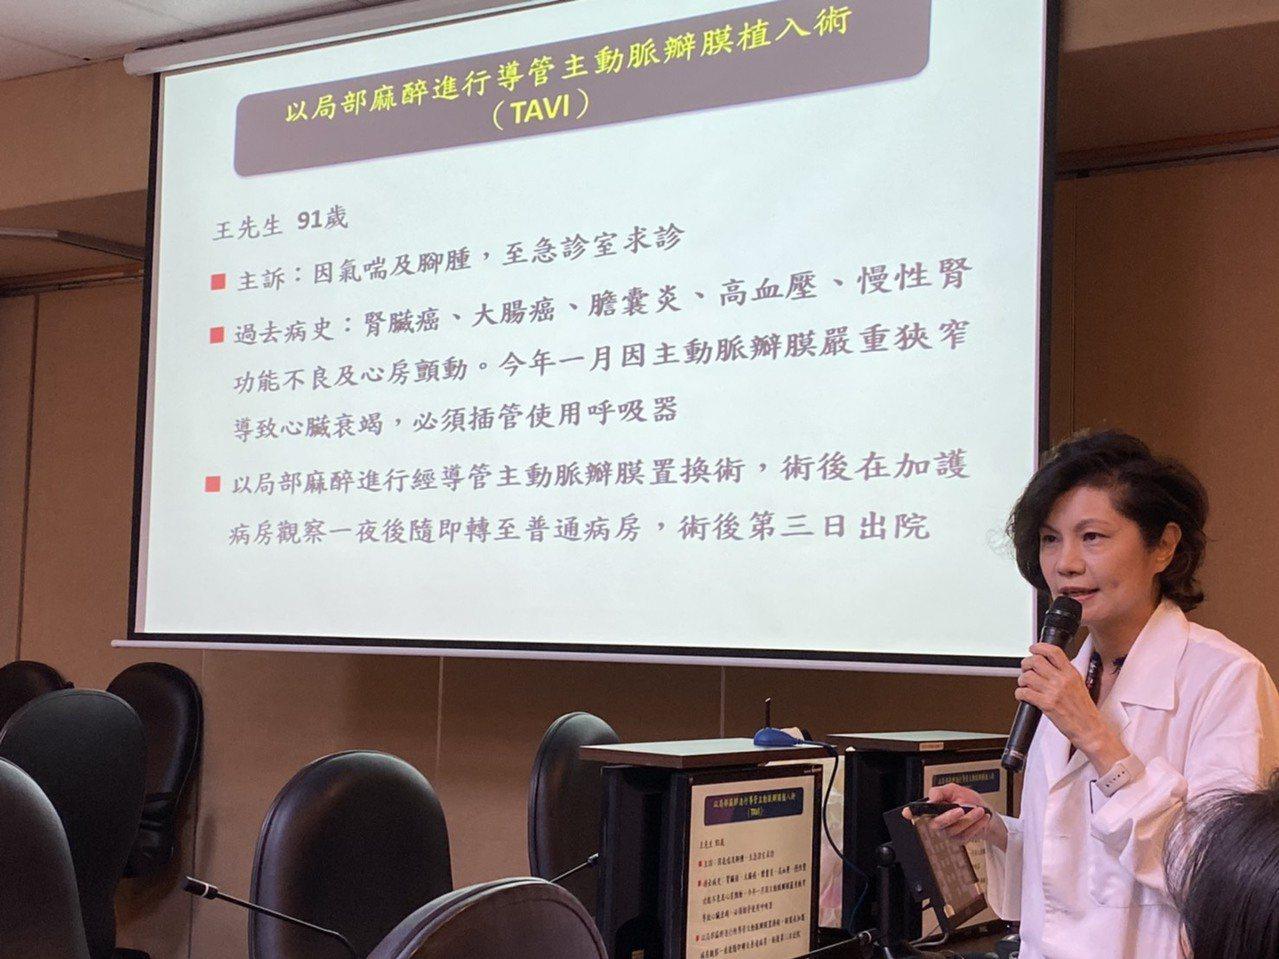 台北榮總心臟內科主治醫師陳嬰華表示,心臟主動脈瓣膜狹窄是年長者會出現的疾病,超過...